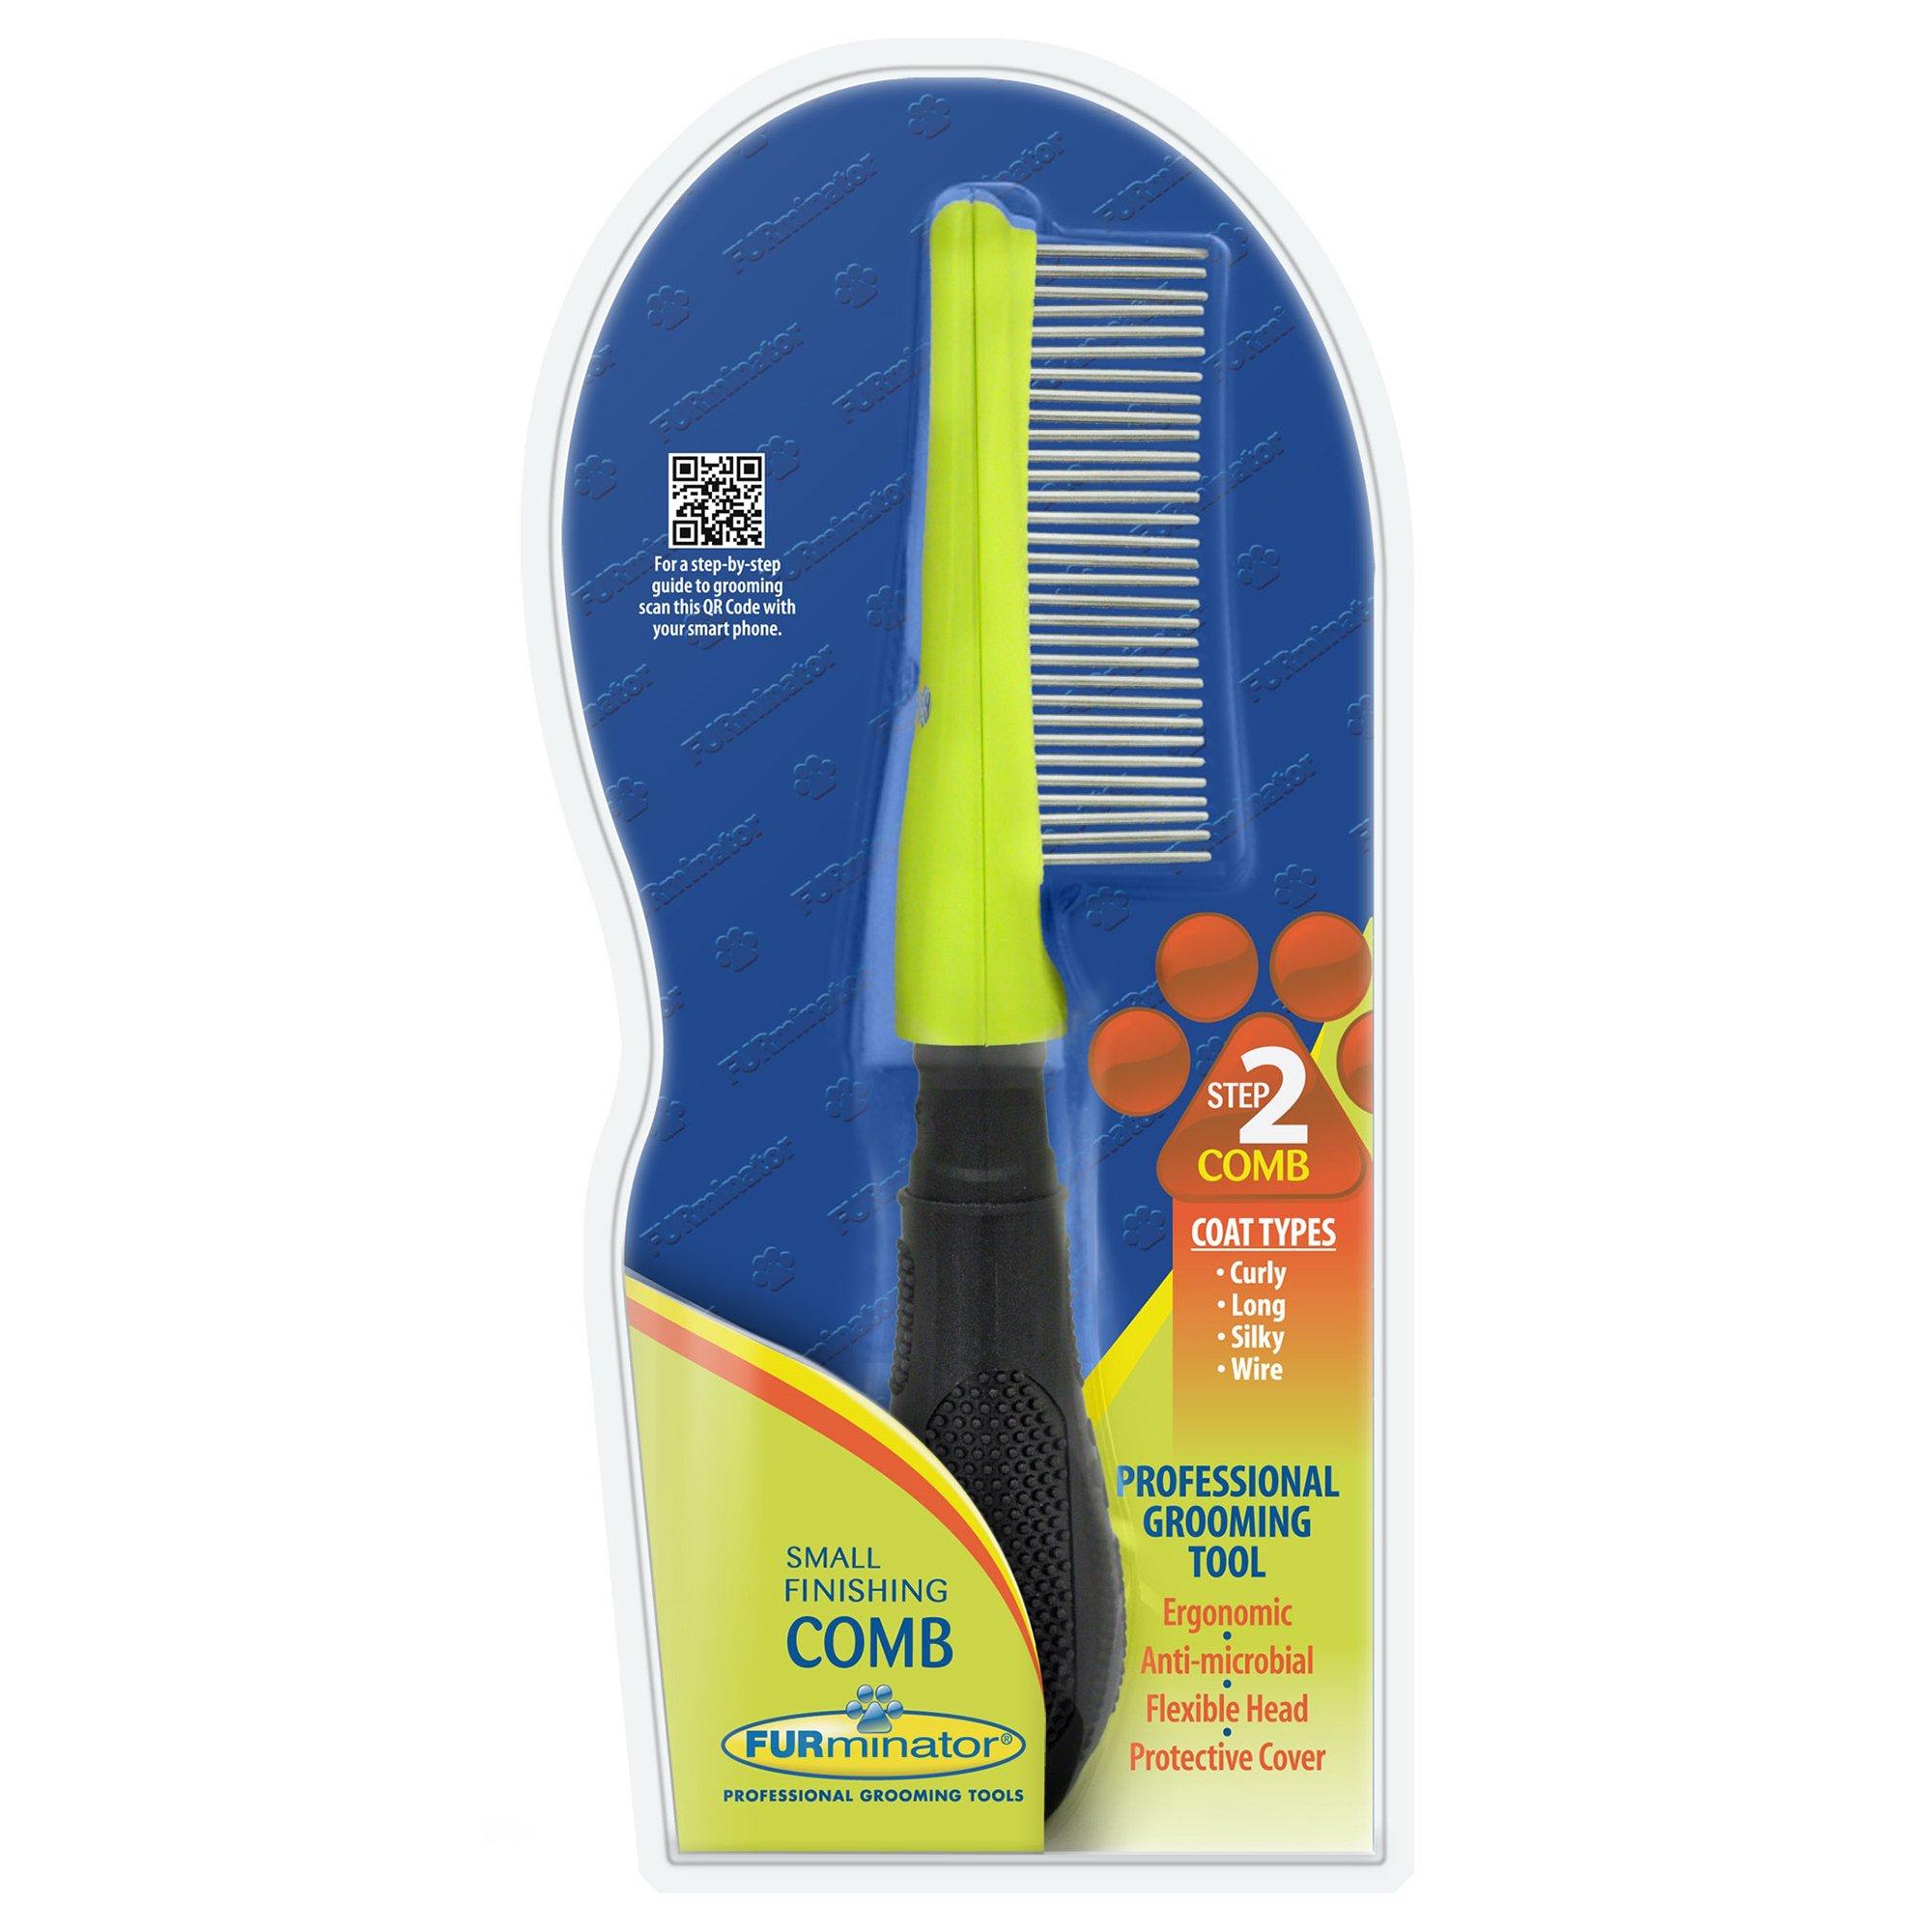 FURminator - Finishing Comb Small